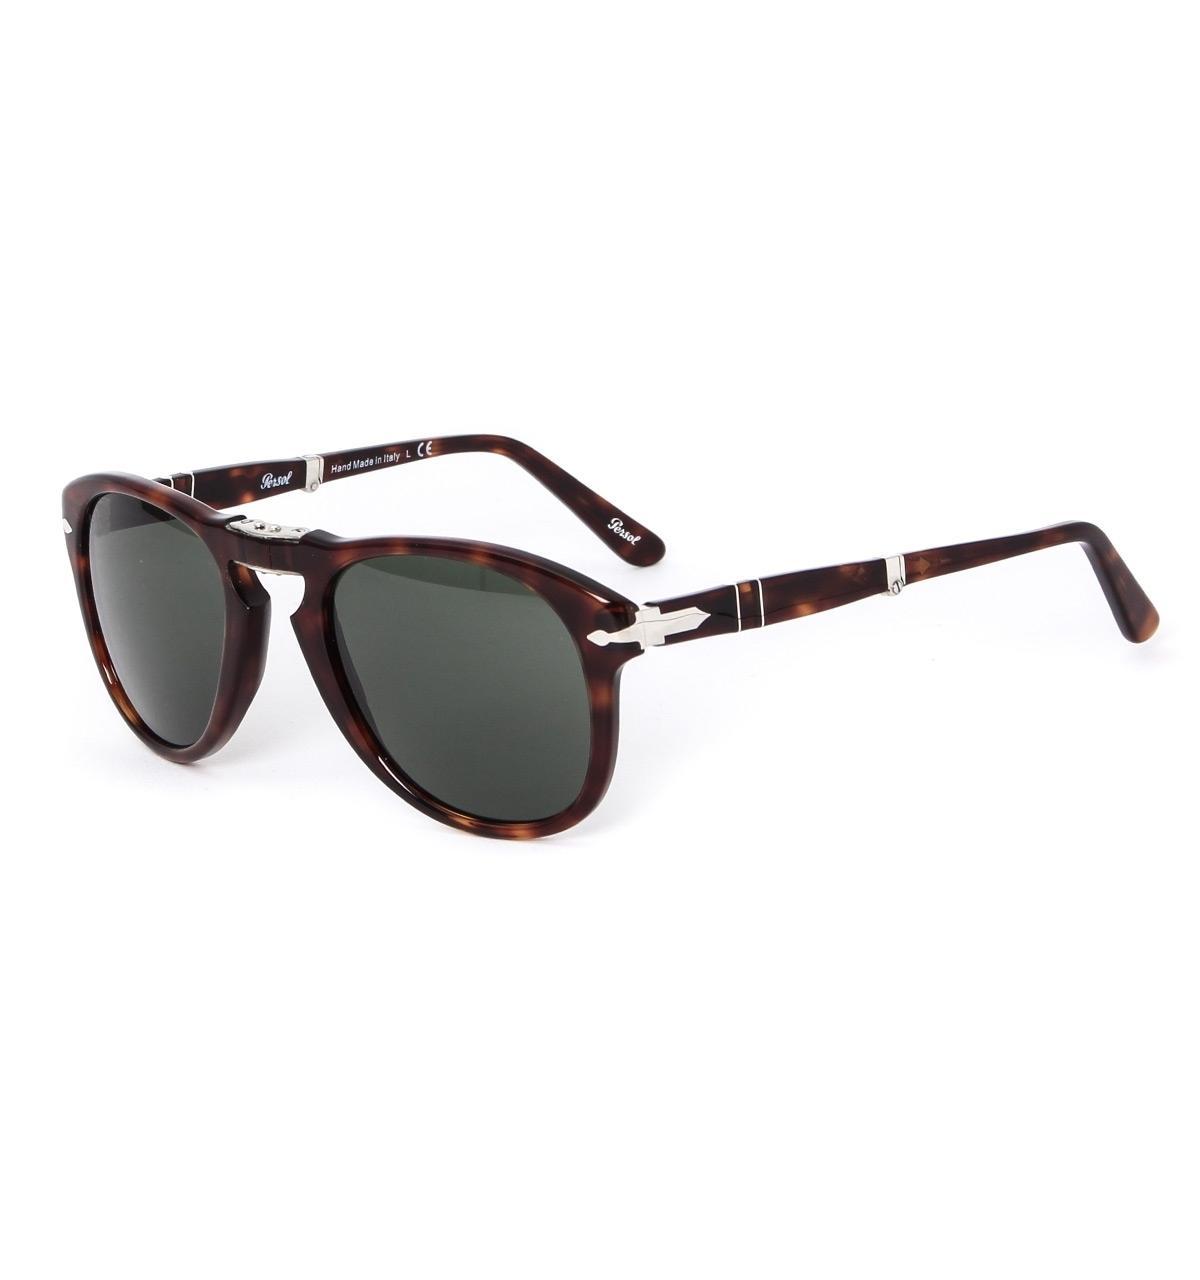 3bebcf6430 Persol - 714 Havana Brown Acetate Folding Aviator Sunglasses for Men - Lyst.  View fullscreen